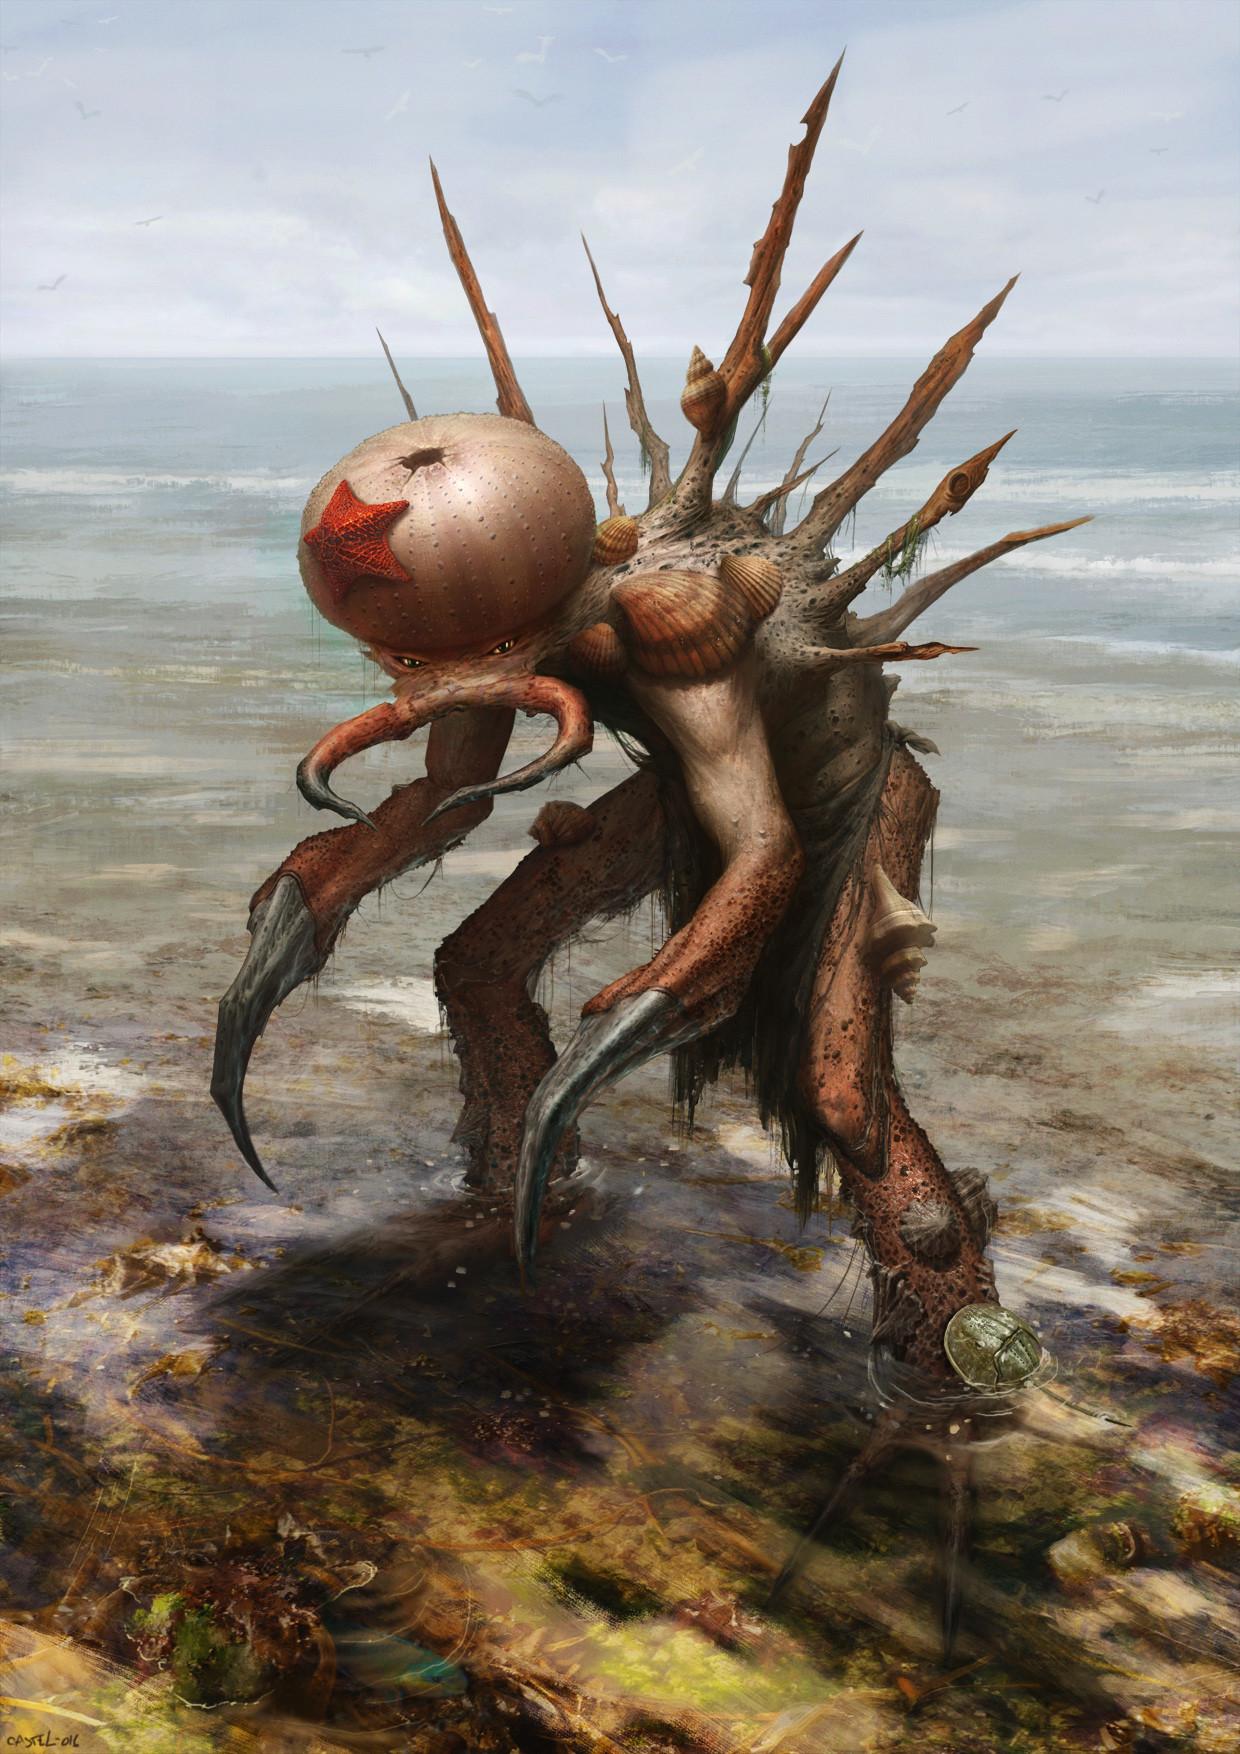 Quentin castel crabe boi fin contrastes